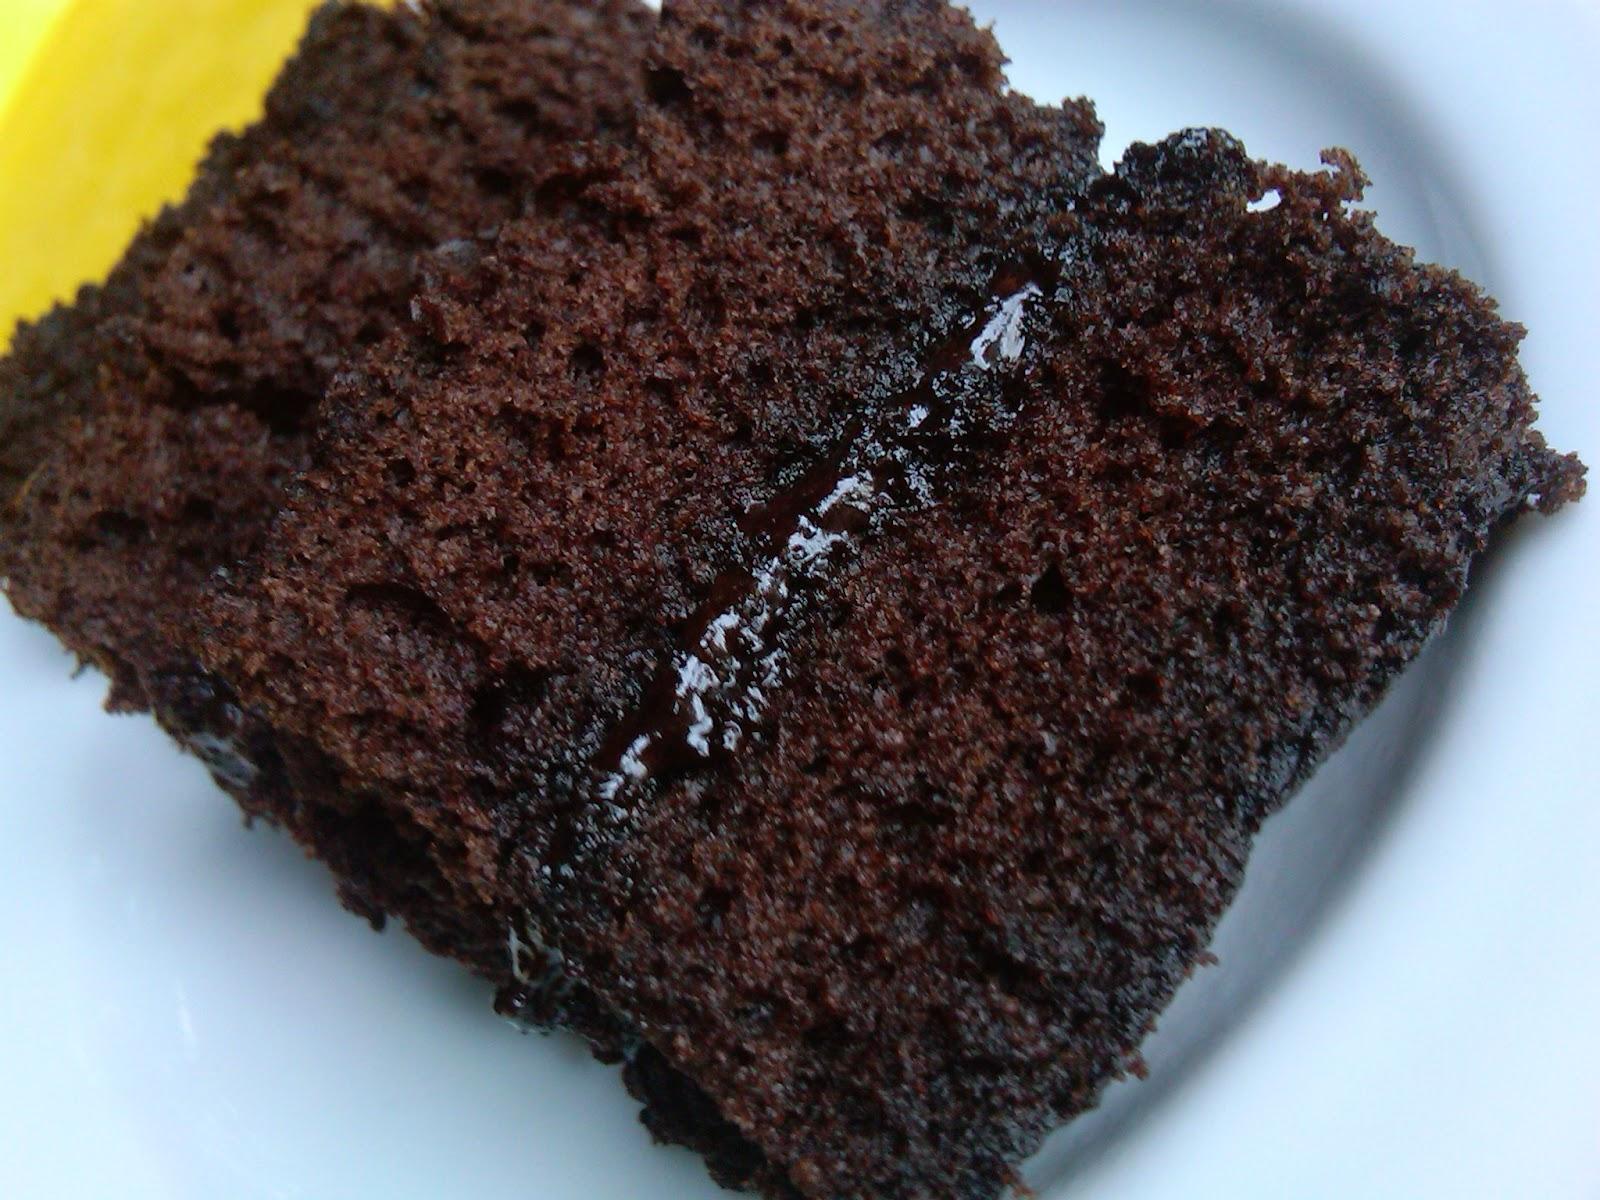 Resep Cake Kukus Sederhana: Resep Cara Membuat Brownies Kukus Coklat Sederhana